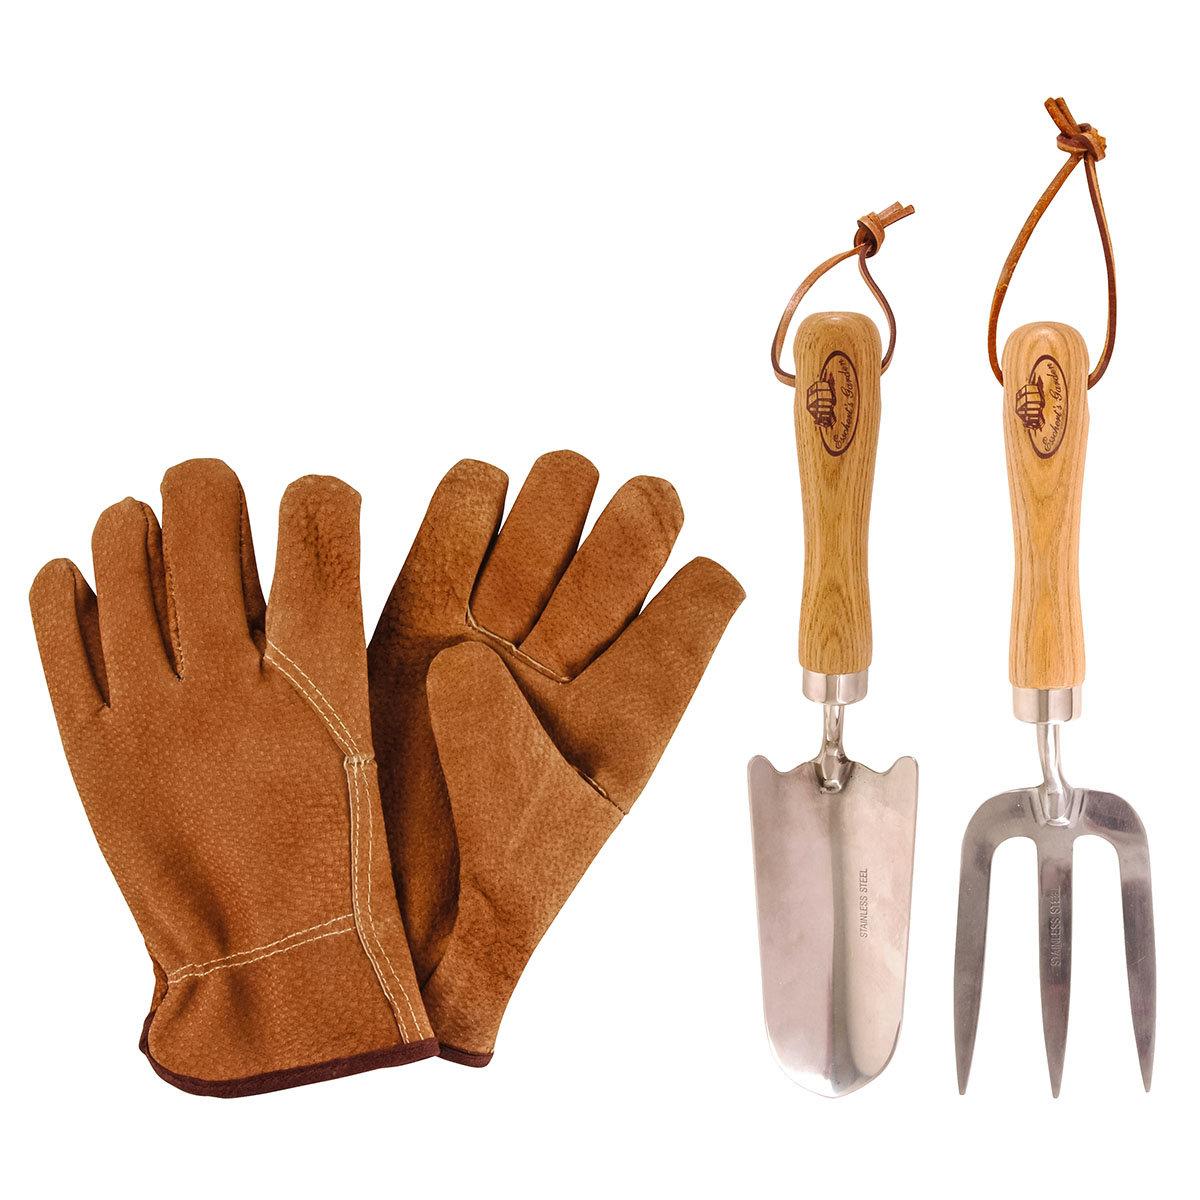 Gartenwerkzeug-Set, Hobbygärtner, Eschenholzstiel, Edelstahl, mit Lederhandschuhen | #2